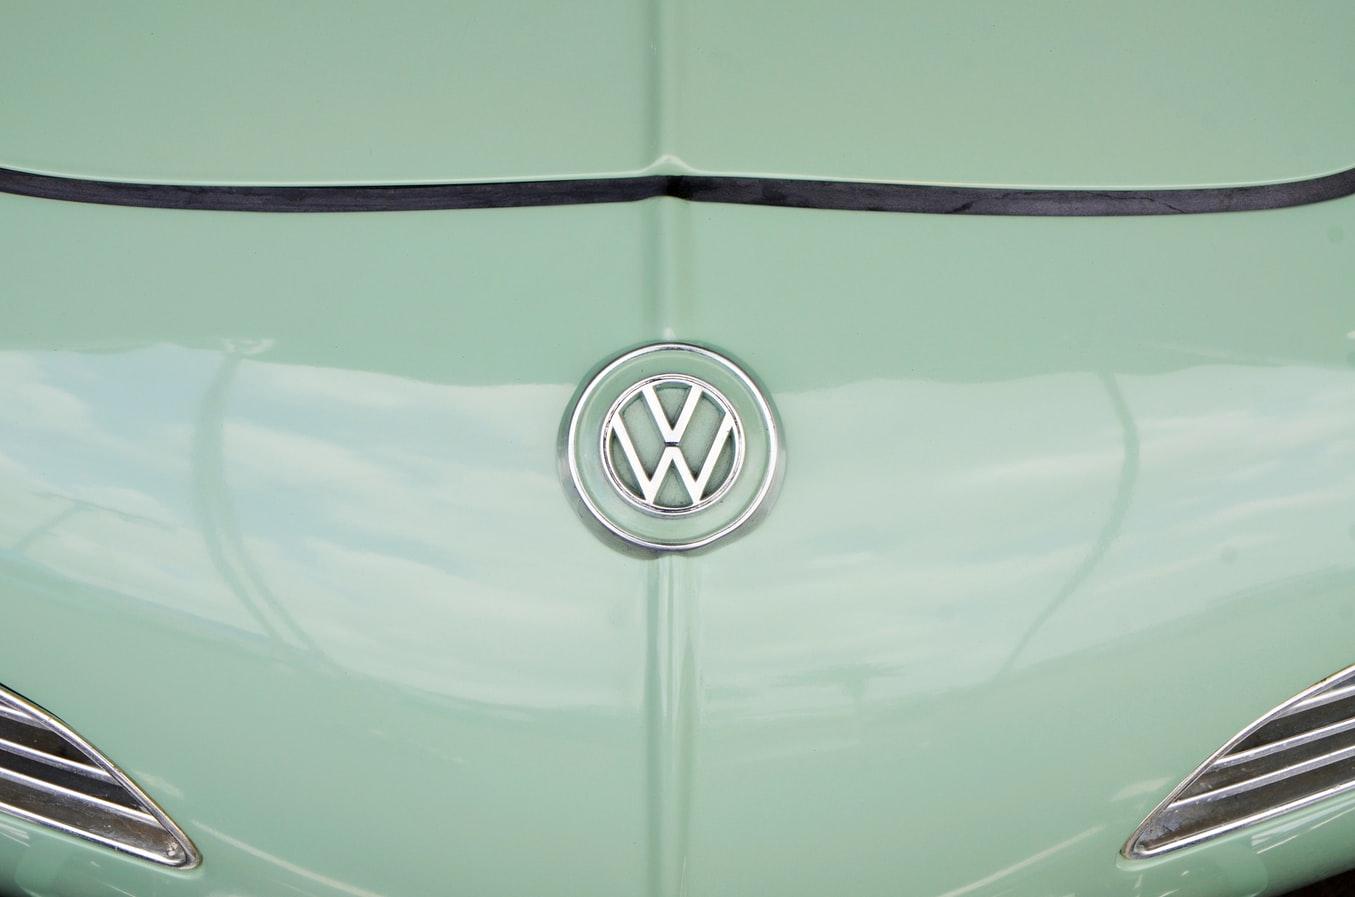 La devanture d'un modèle Volkswagen